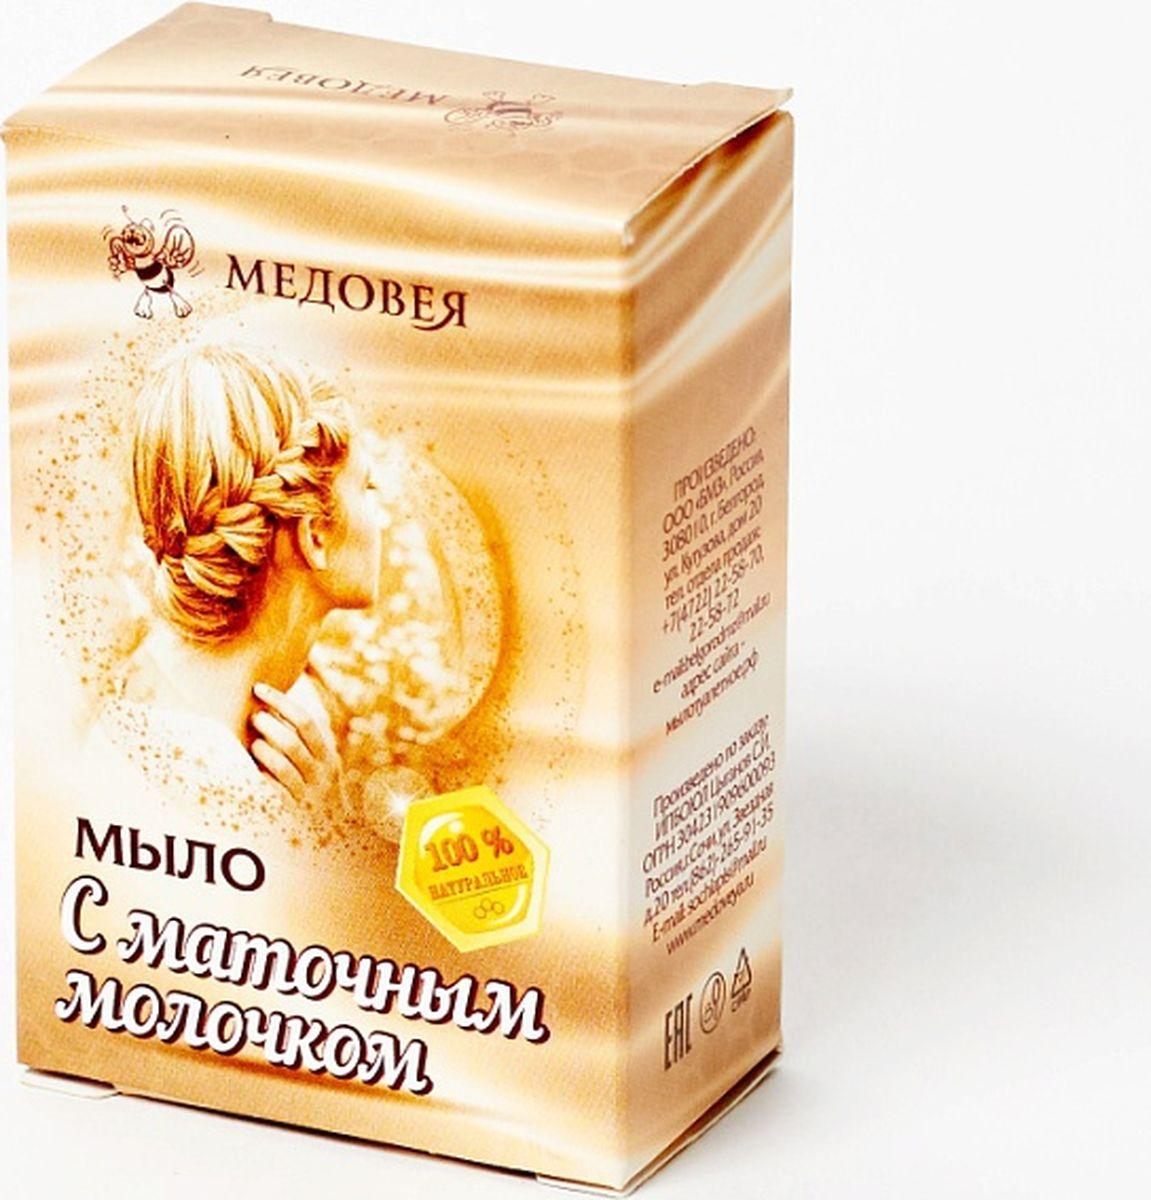 Медовея Мыло с Маточным молочком, 80 млБ33041_шампунь-барбарис и липа, скраб -черная смородинаМыло с маточным молочком интенсивно очищает поры, увлажняет и одновременно питает кожу. Актуальность природного ингредиента заключается в результативности и оптимальной цене. Полезность маточного молочка обусловлена богатством витаминной комбинации. В комплекс микроэлементов входят белки, соли минеральные, углеводы, ретинол, холекальцефирол, аминокислоты, группа витаминов В и С, Е, Н, РР. Нельзя не выделить наличие прогестерона, тестостерона, которые в косметологии действуют регенерирующим свойством на дерму. Мыло с маточным молочком насыщает кожу максимальным витаминным питанием.